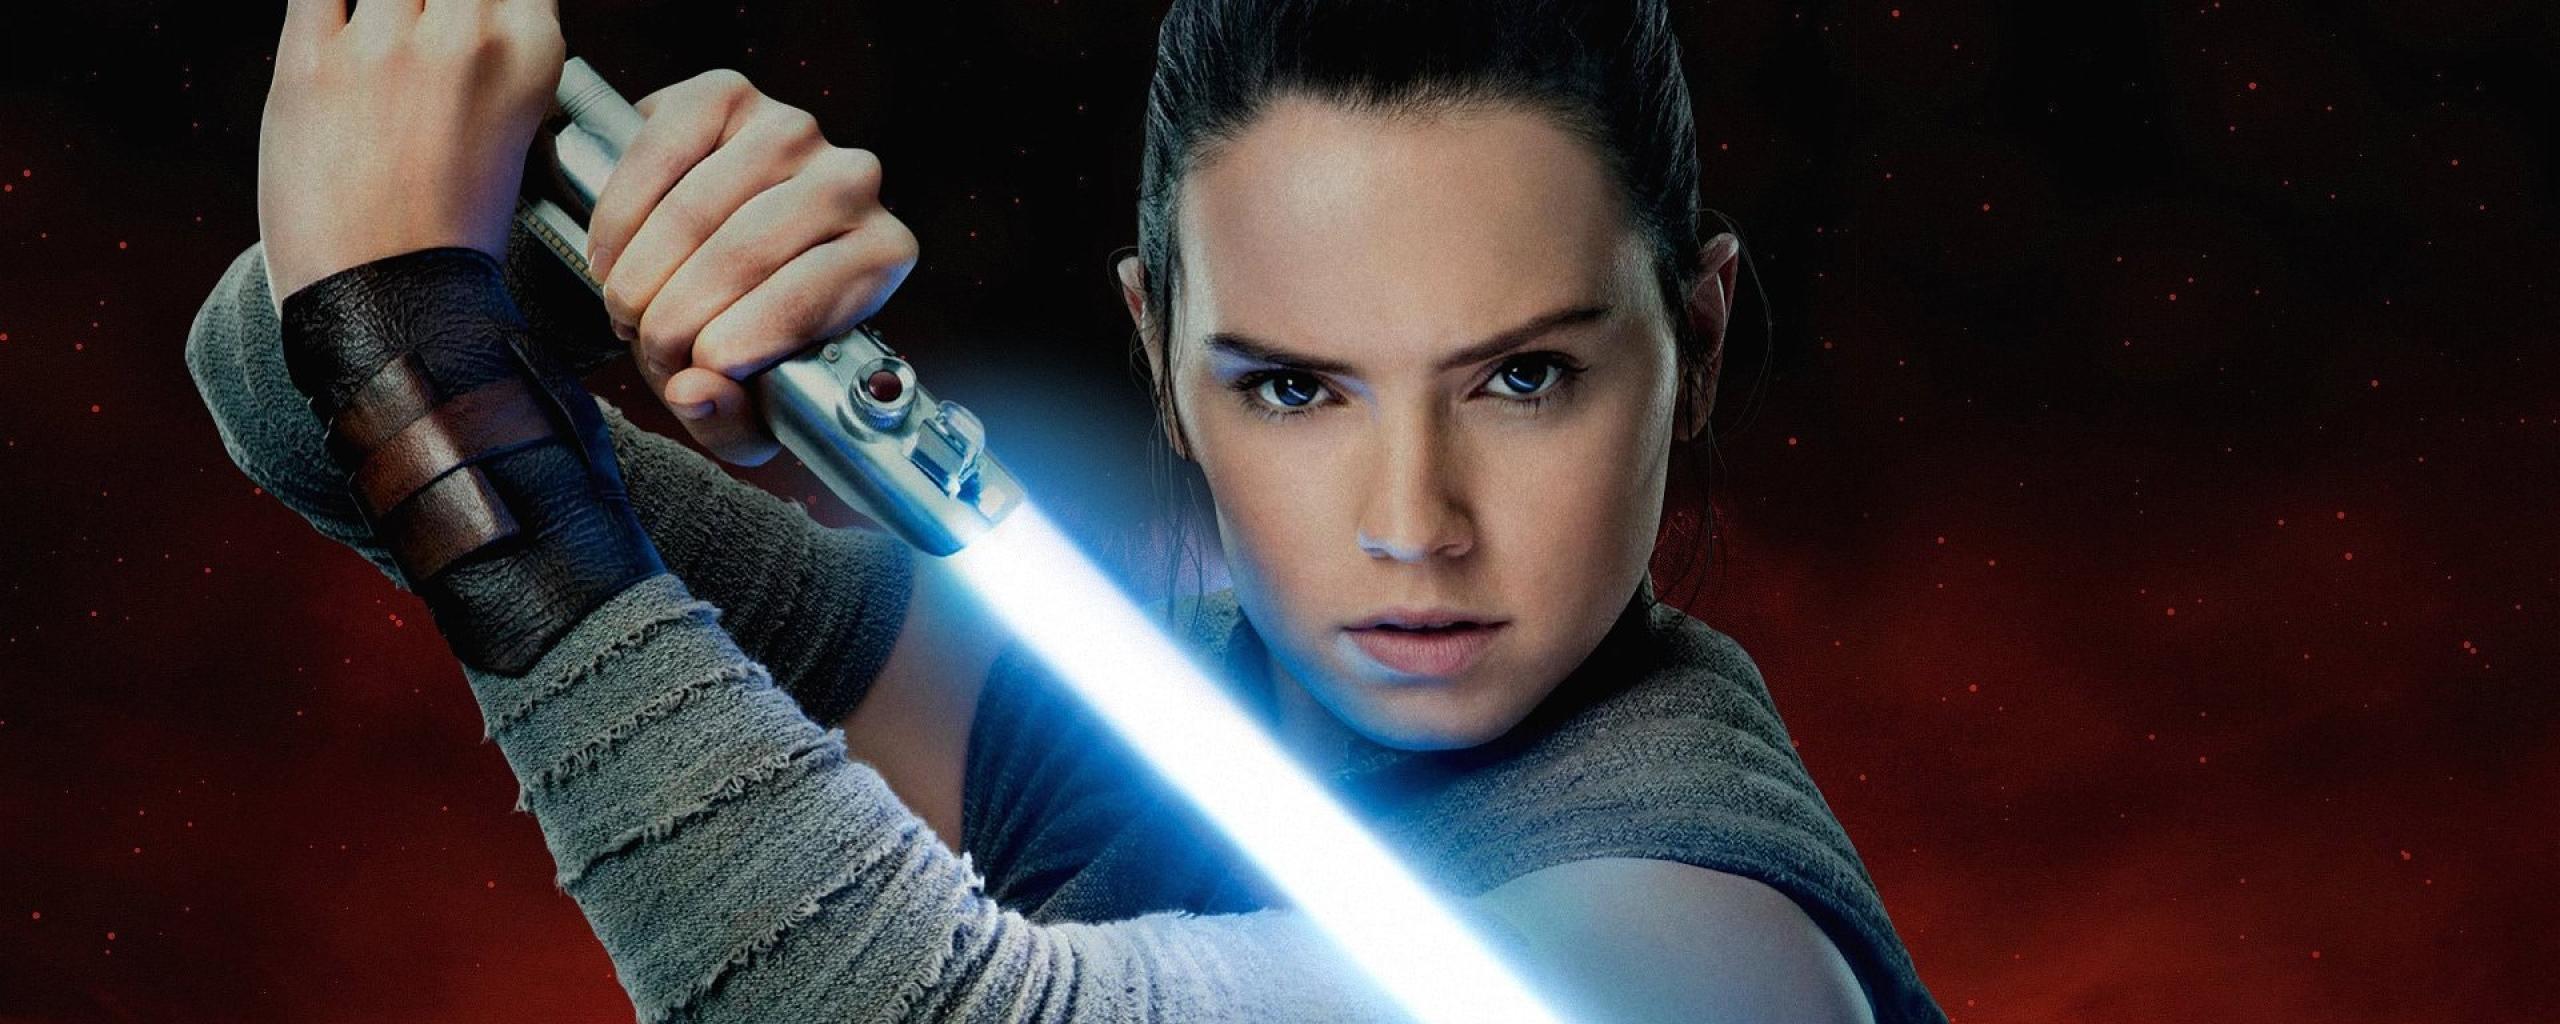 Rey Aka Daisy Ridley In Star Wars The Last Jedi, Full HD